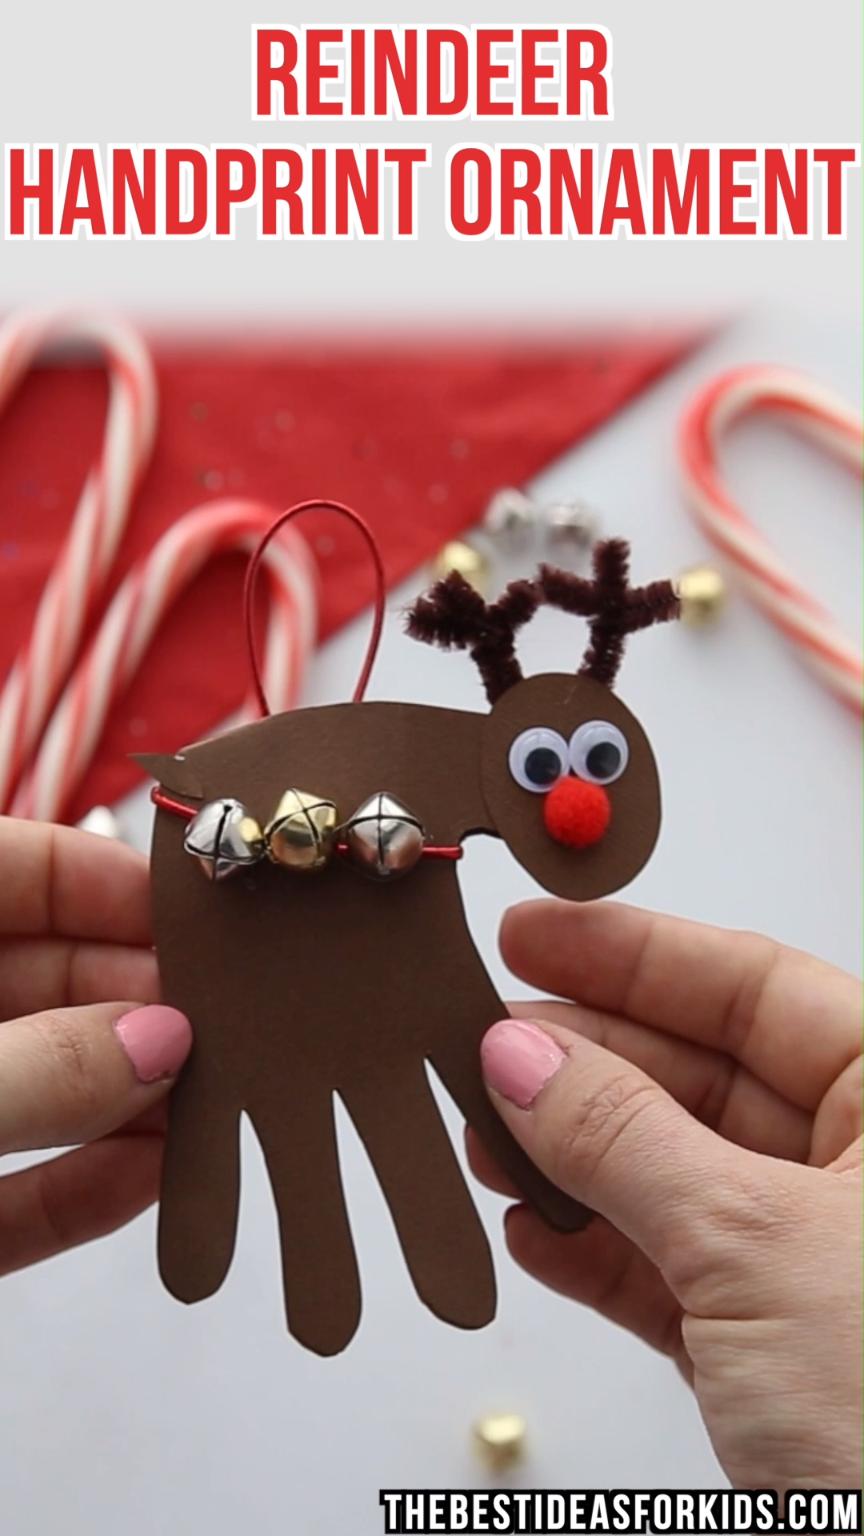 Reindeer Handprint | Kreschtdaag | Pinterest | Christmas crafts ...